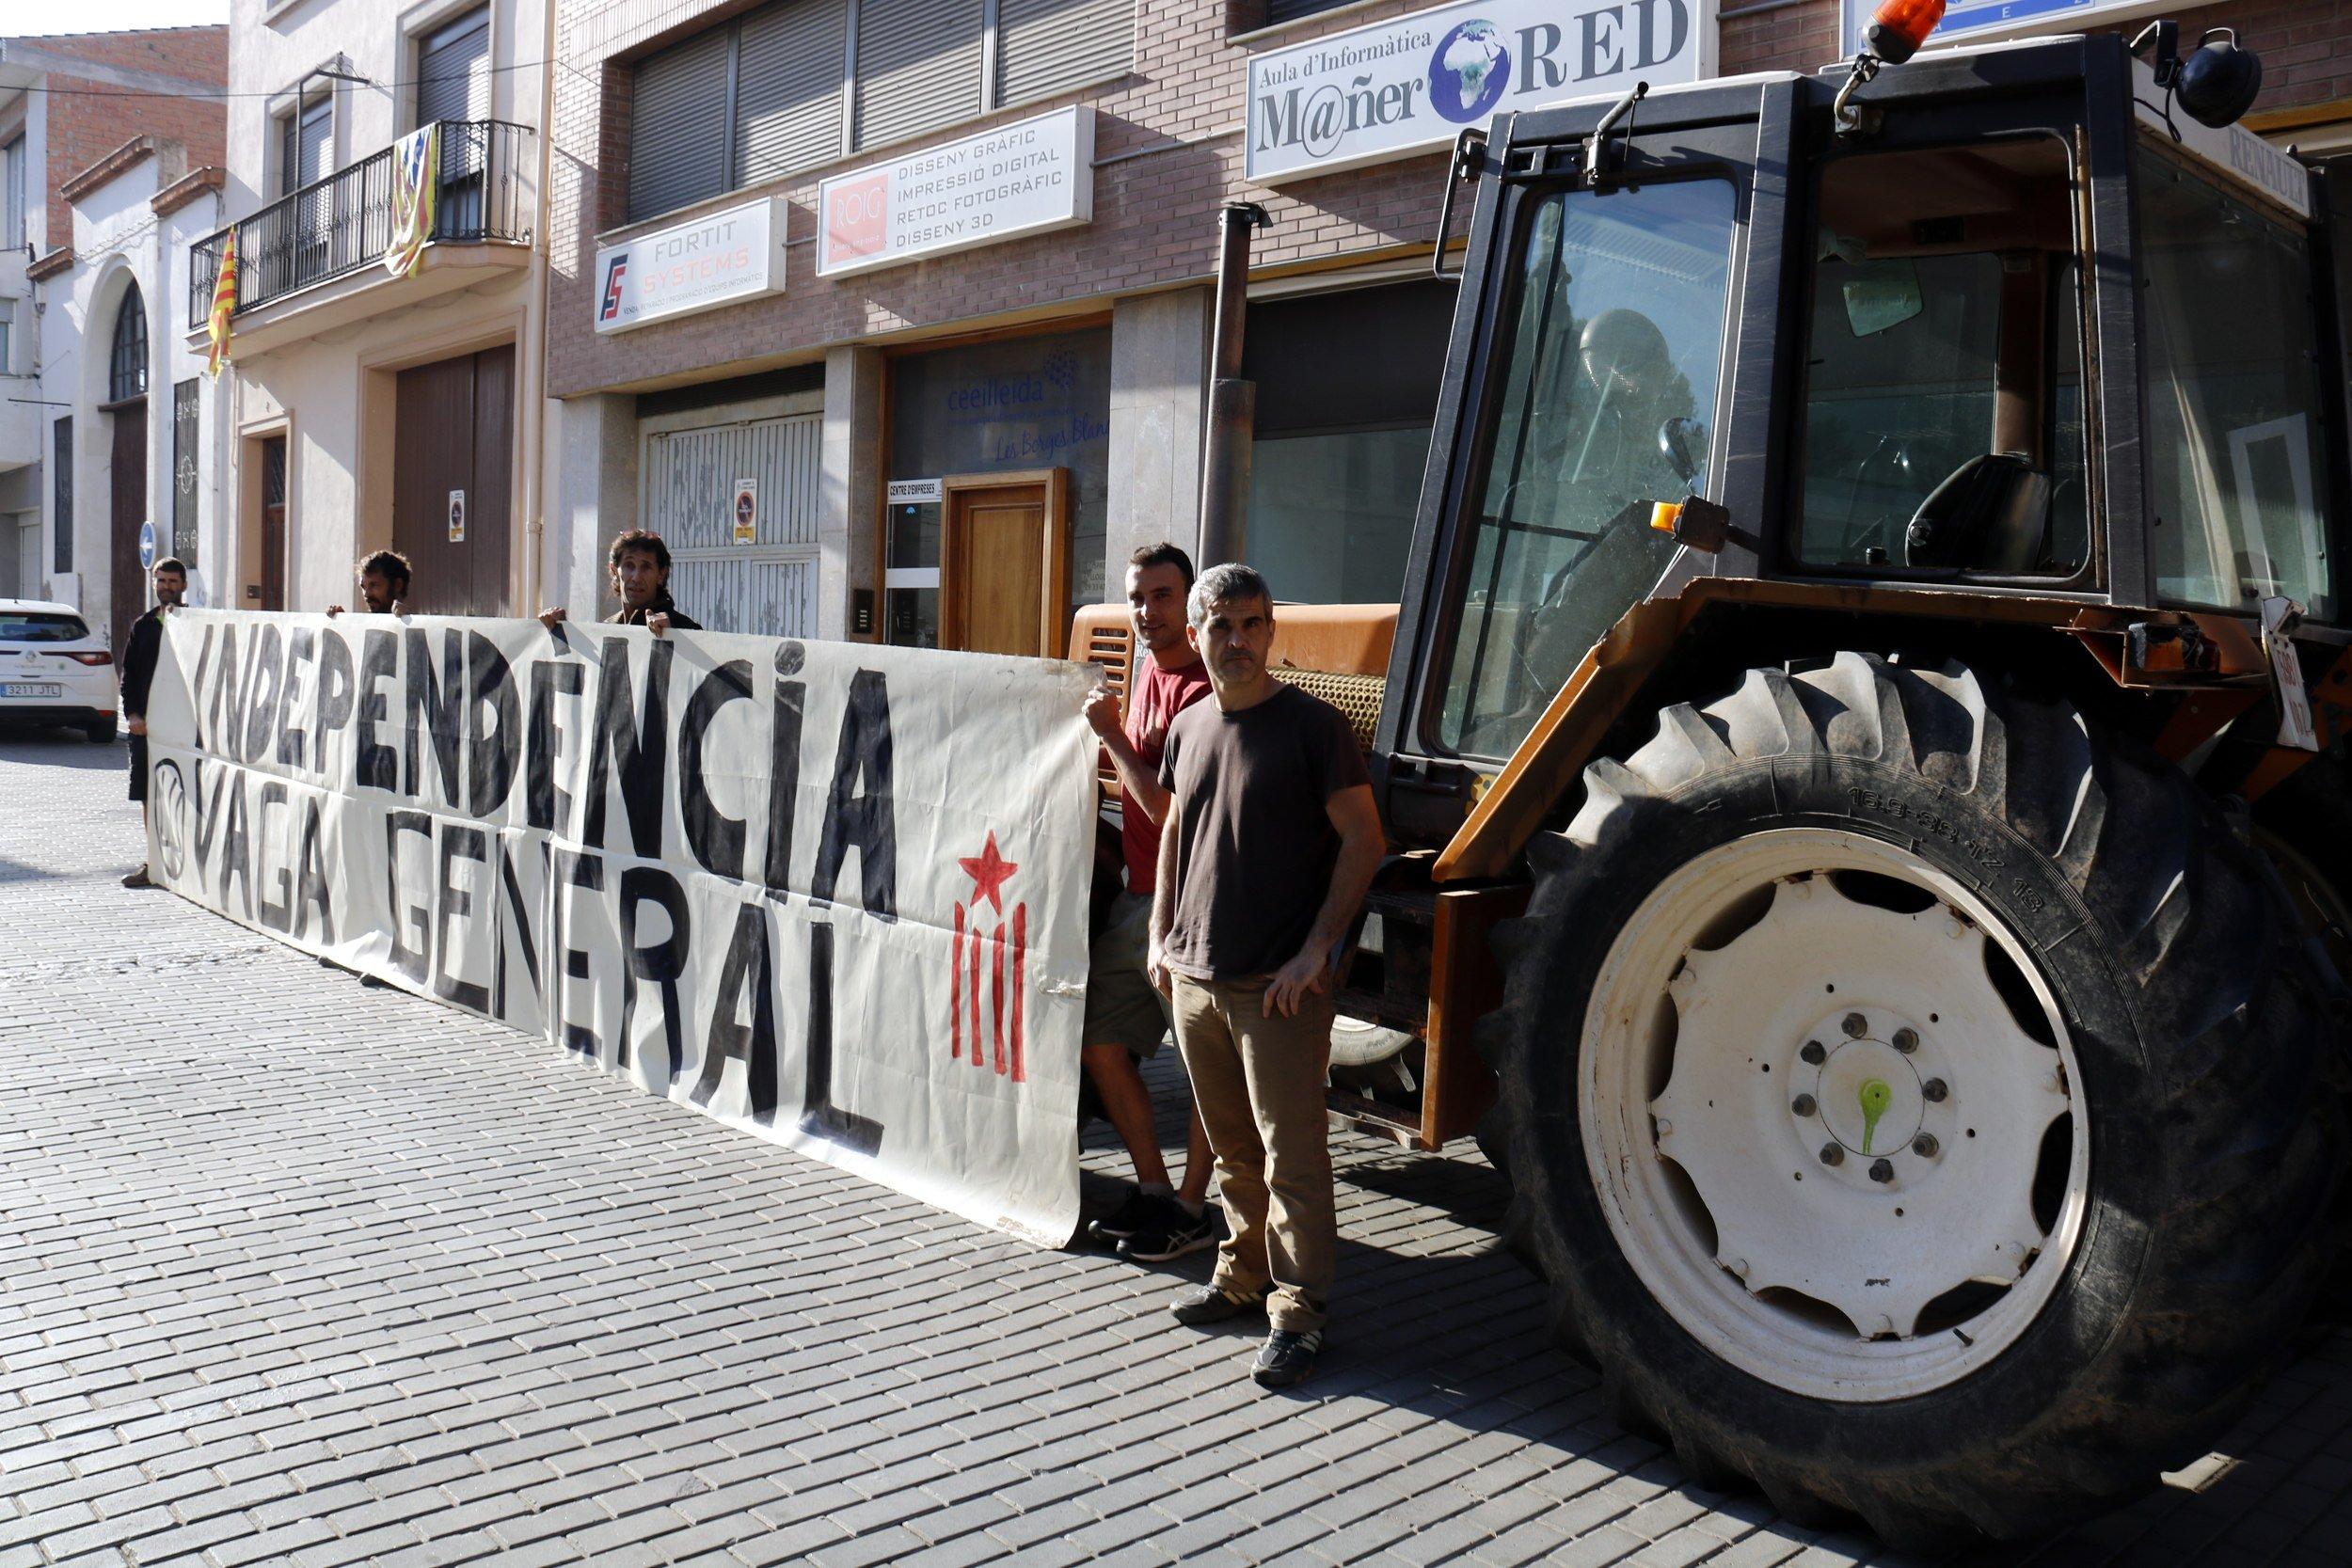 Aparcan un tractor ante el colegio electoral de les borges for El tiempo les borges blanques